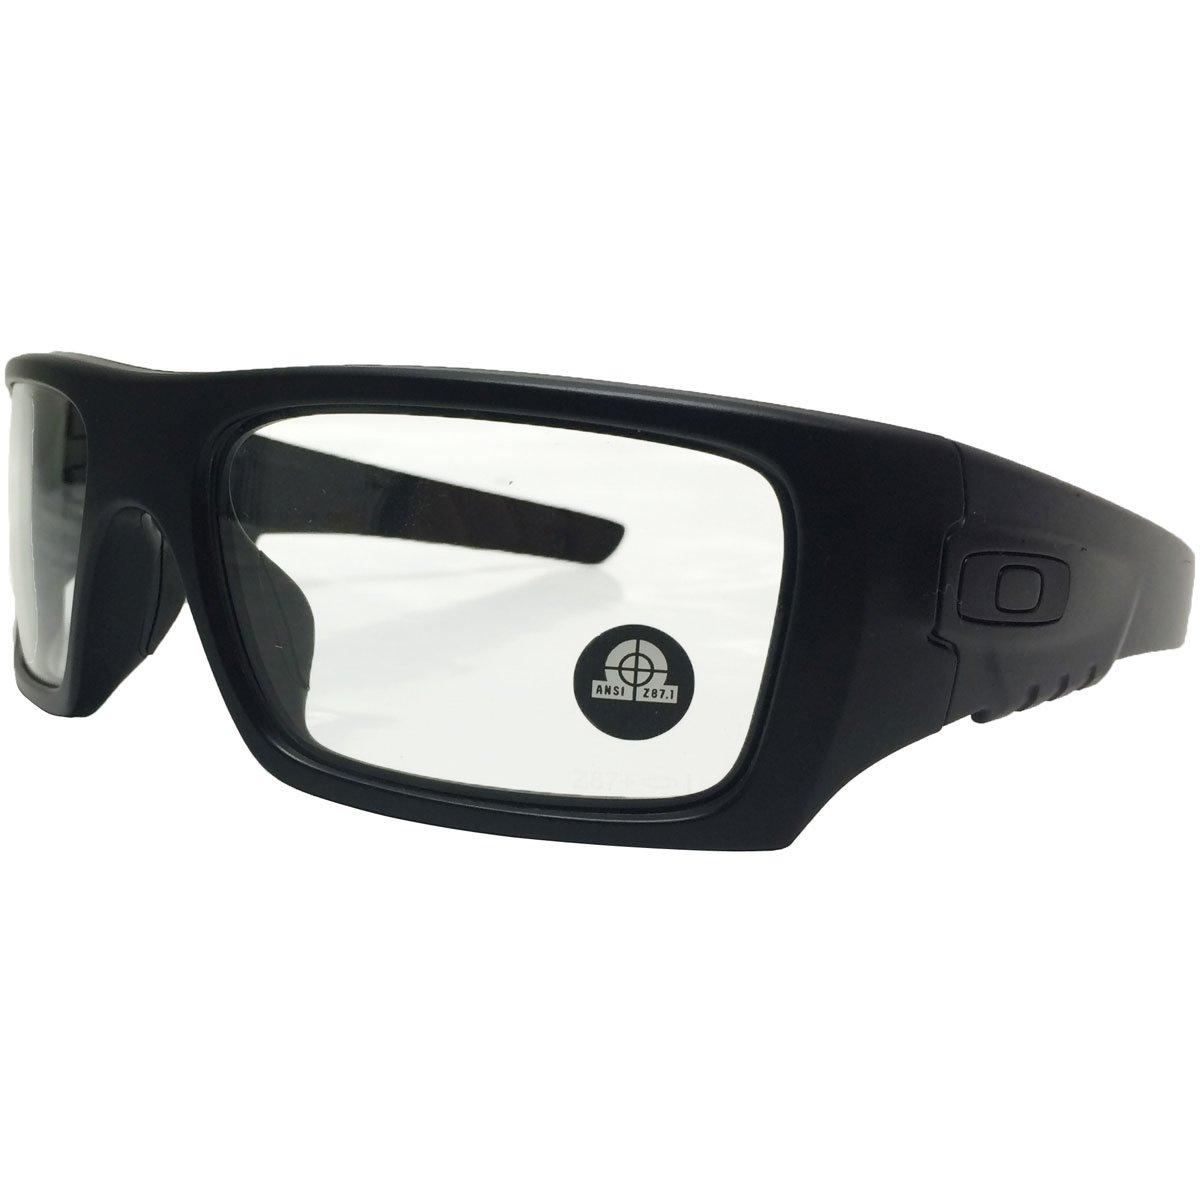 Oakley Det Cord >> Oakley Clear Industrial Det Cord Clear